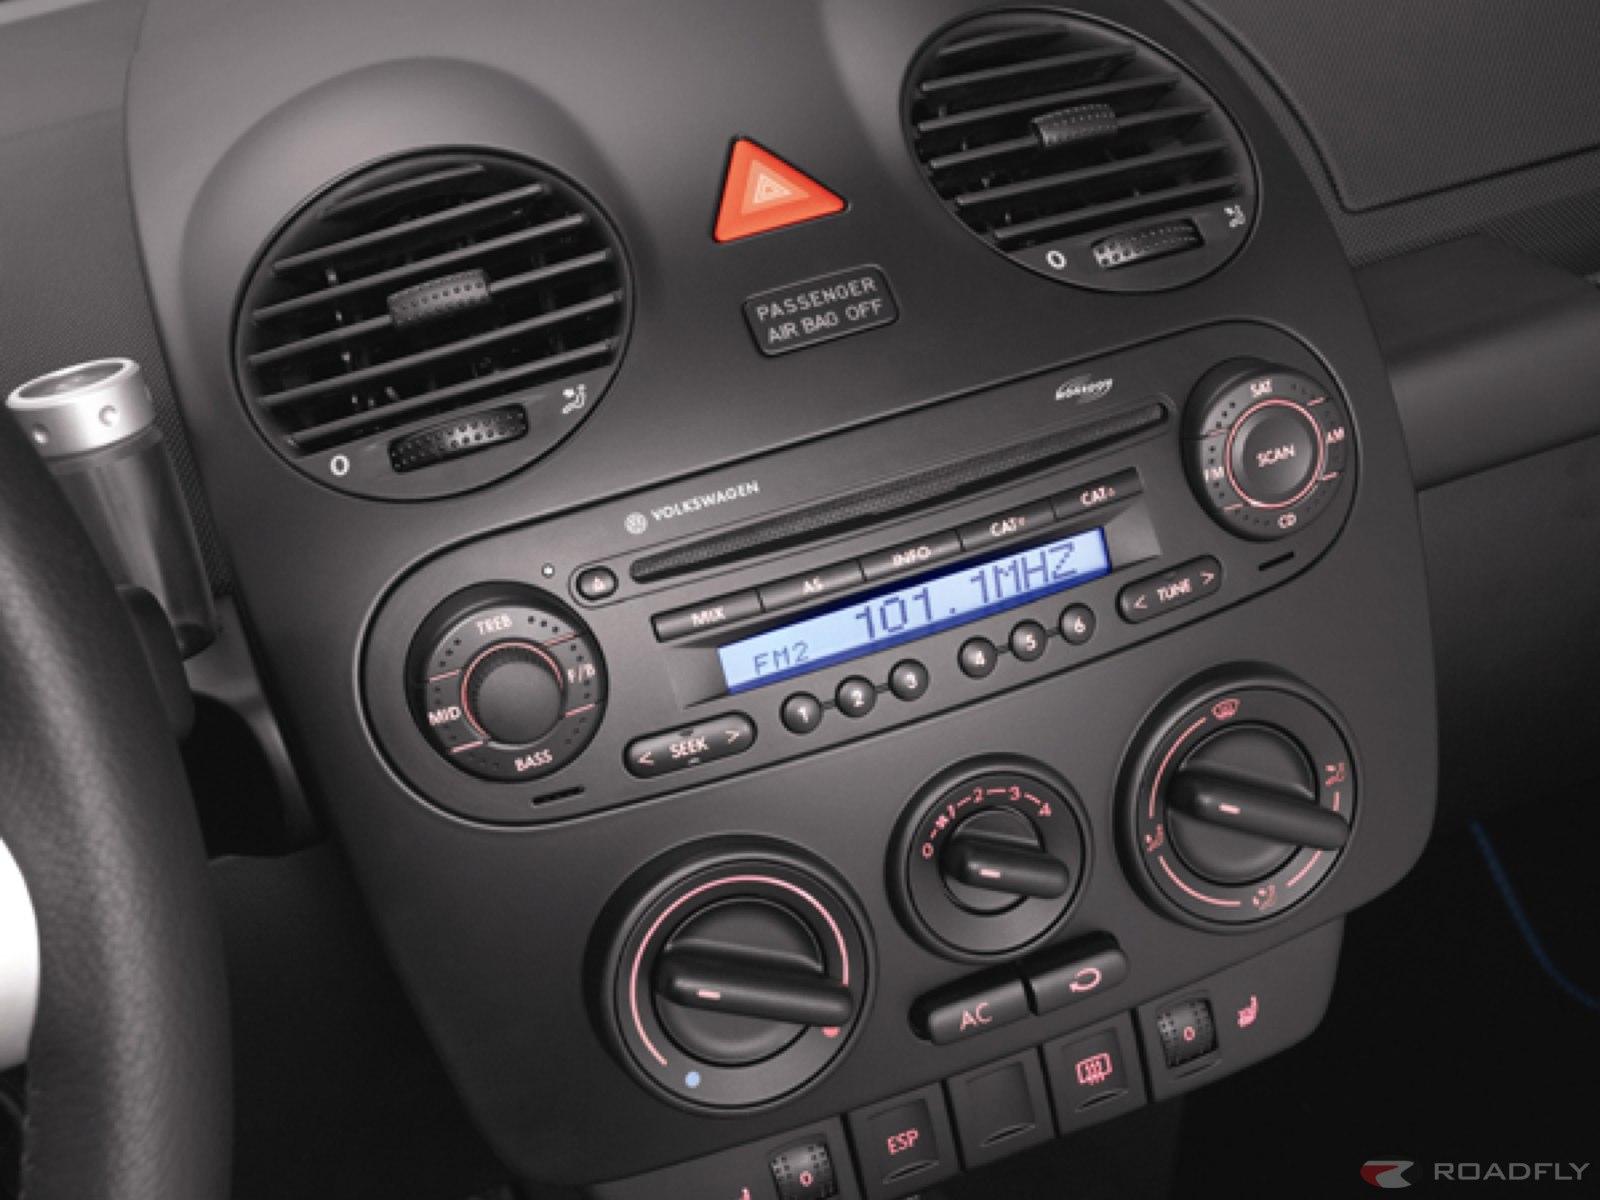 2006 Volkswagen New Beetle Image 25